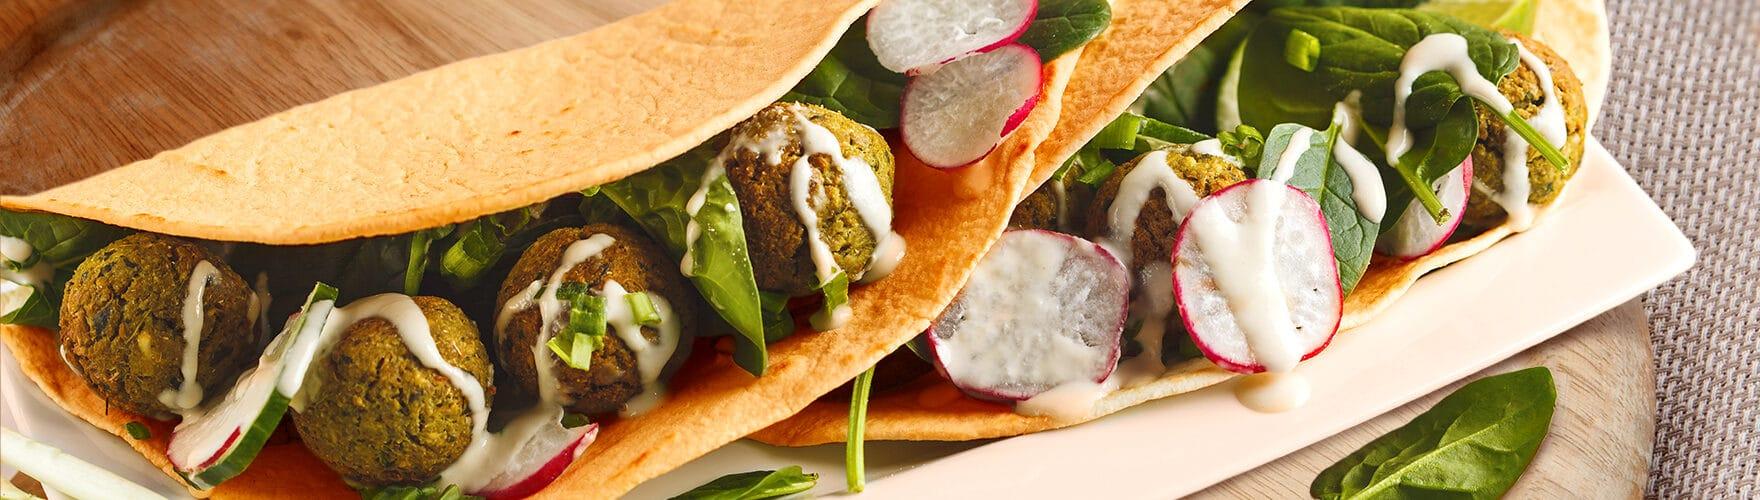 Wrap mit Falafel, Spinat und Radieschen